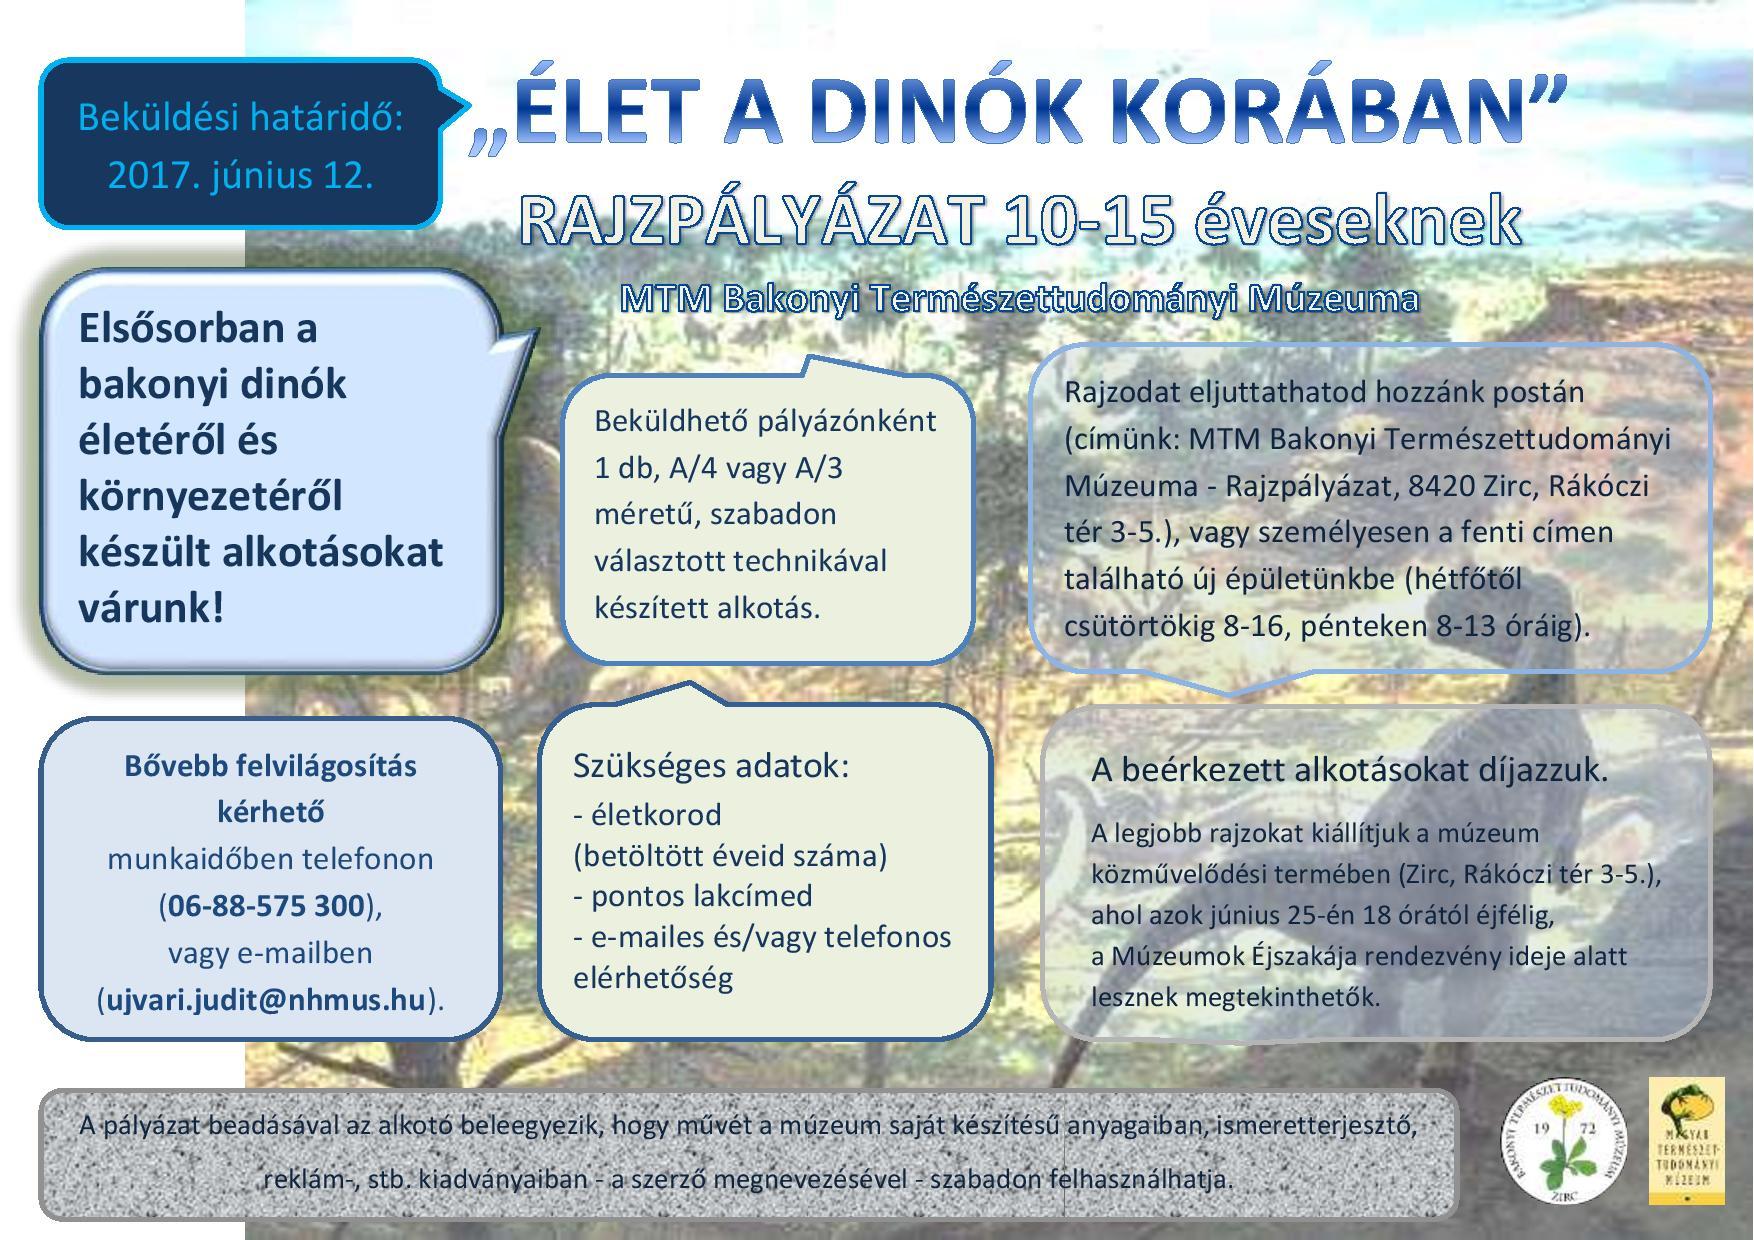 elet_a_dinok_koraban_felsosok_rajzpalyazat.jpg